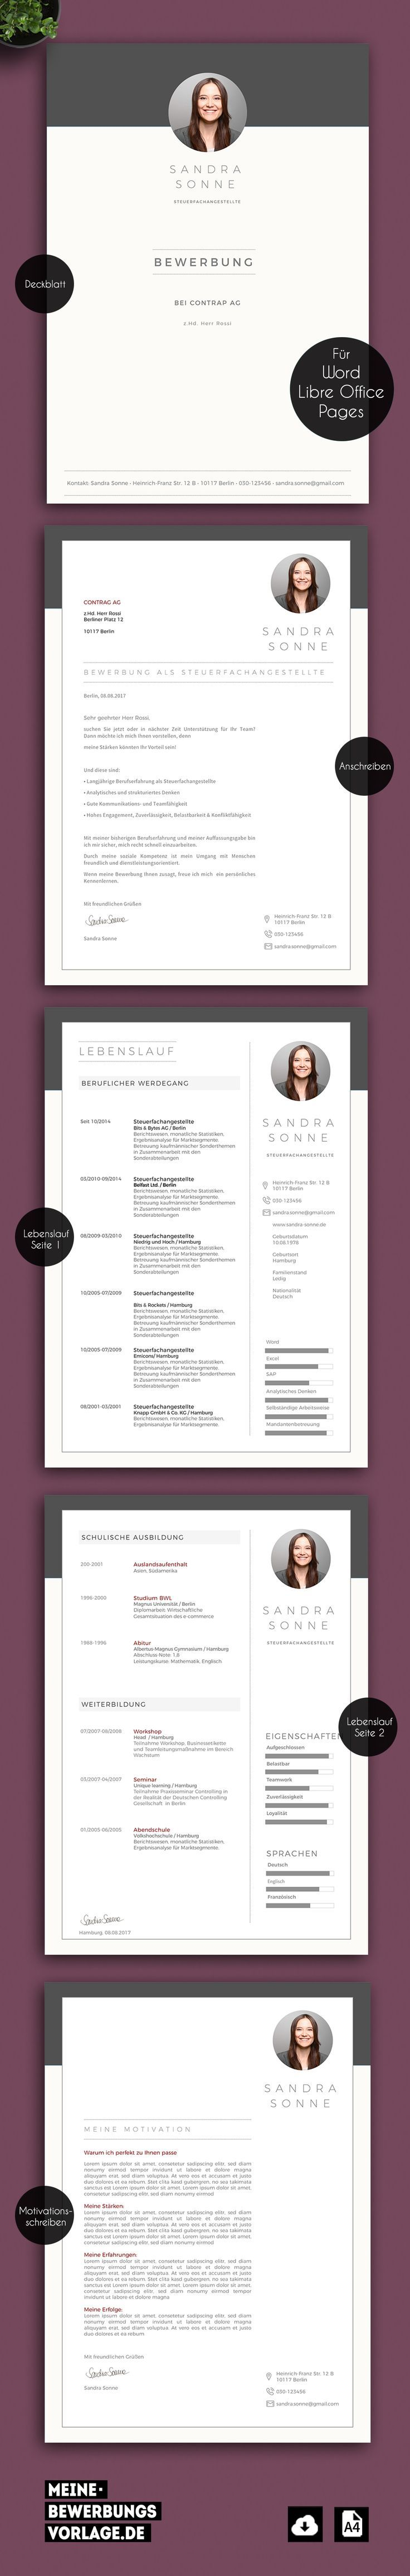 Bewerbung Jobsuche Template Vorlage Bewerbungsvorlage Muster Cv Word Pages Ap Bewerbung Anschreiben Vorlage Lebenslauf Bewerbung Anschreiben